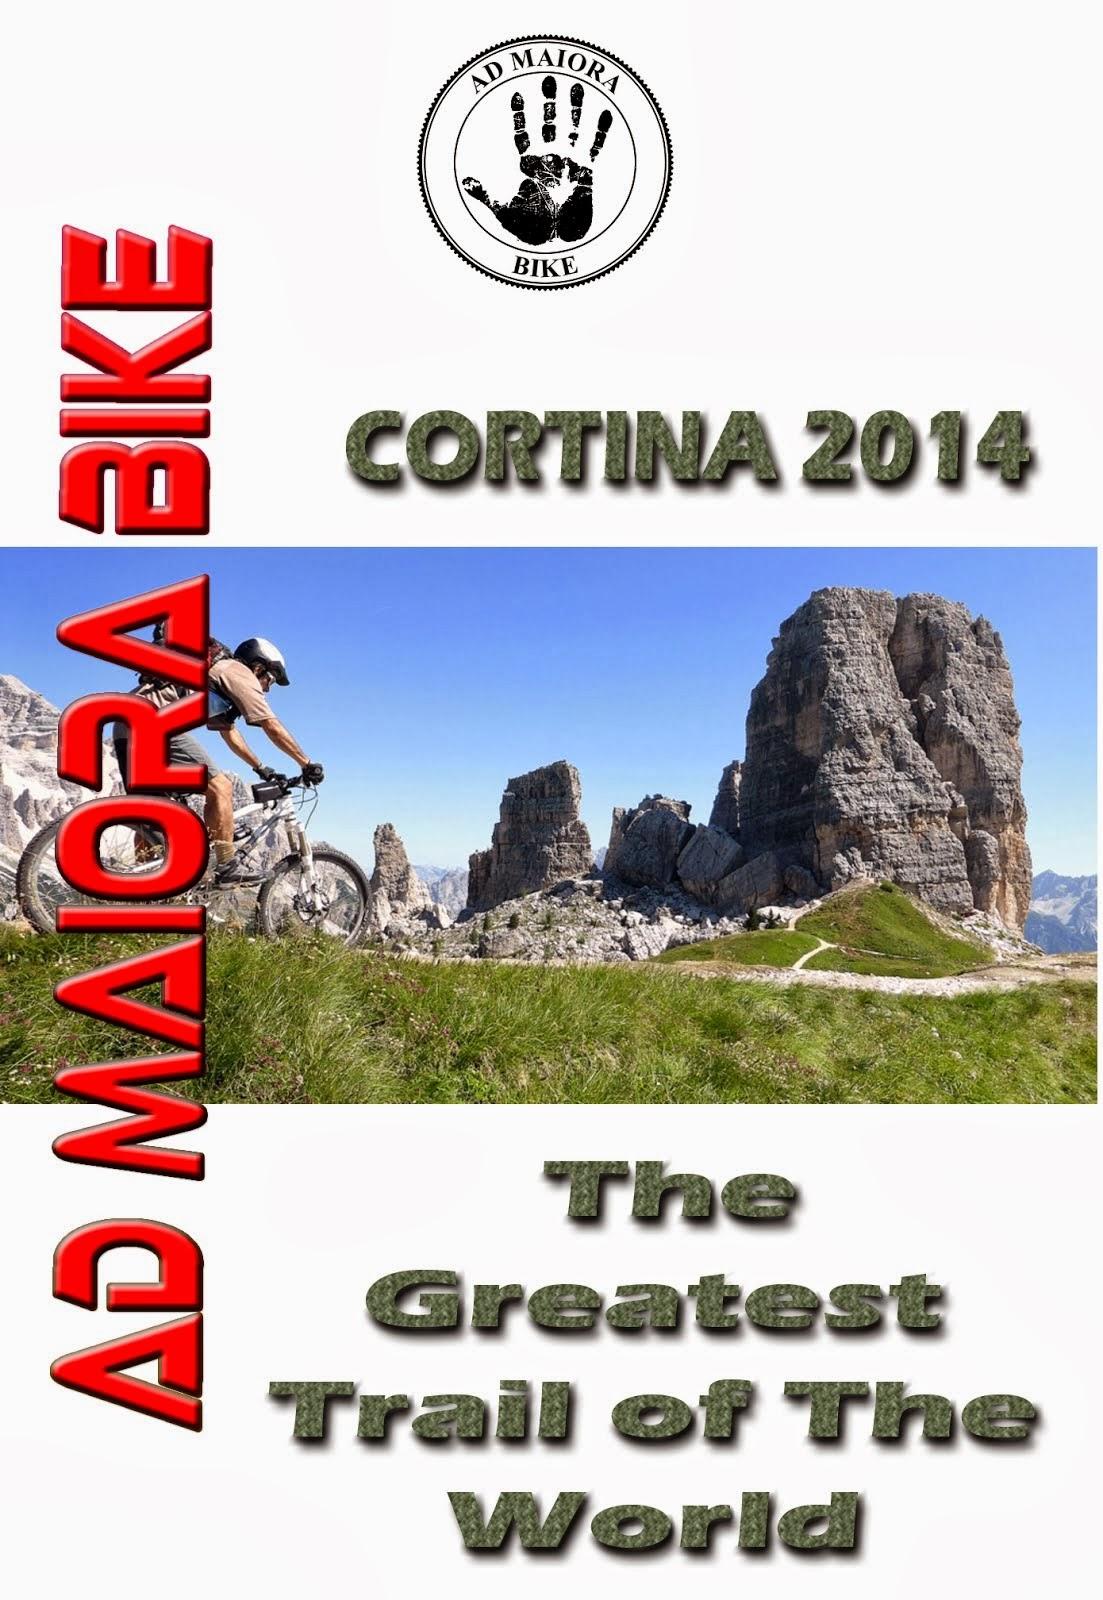 Bike Tour 2014